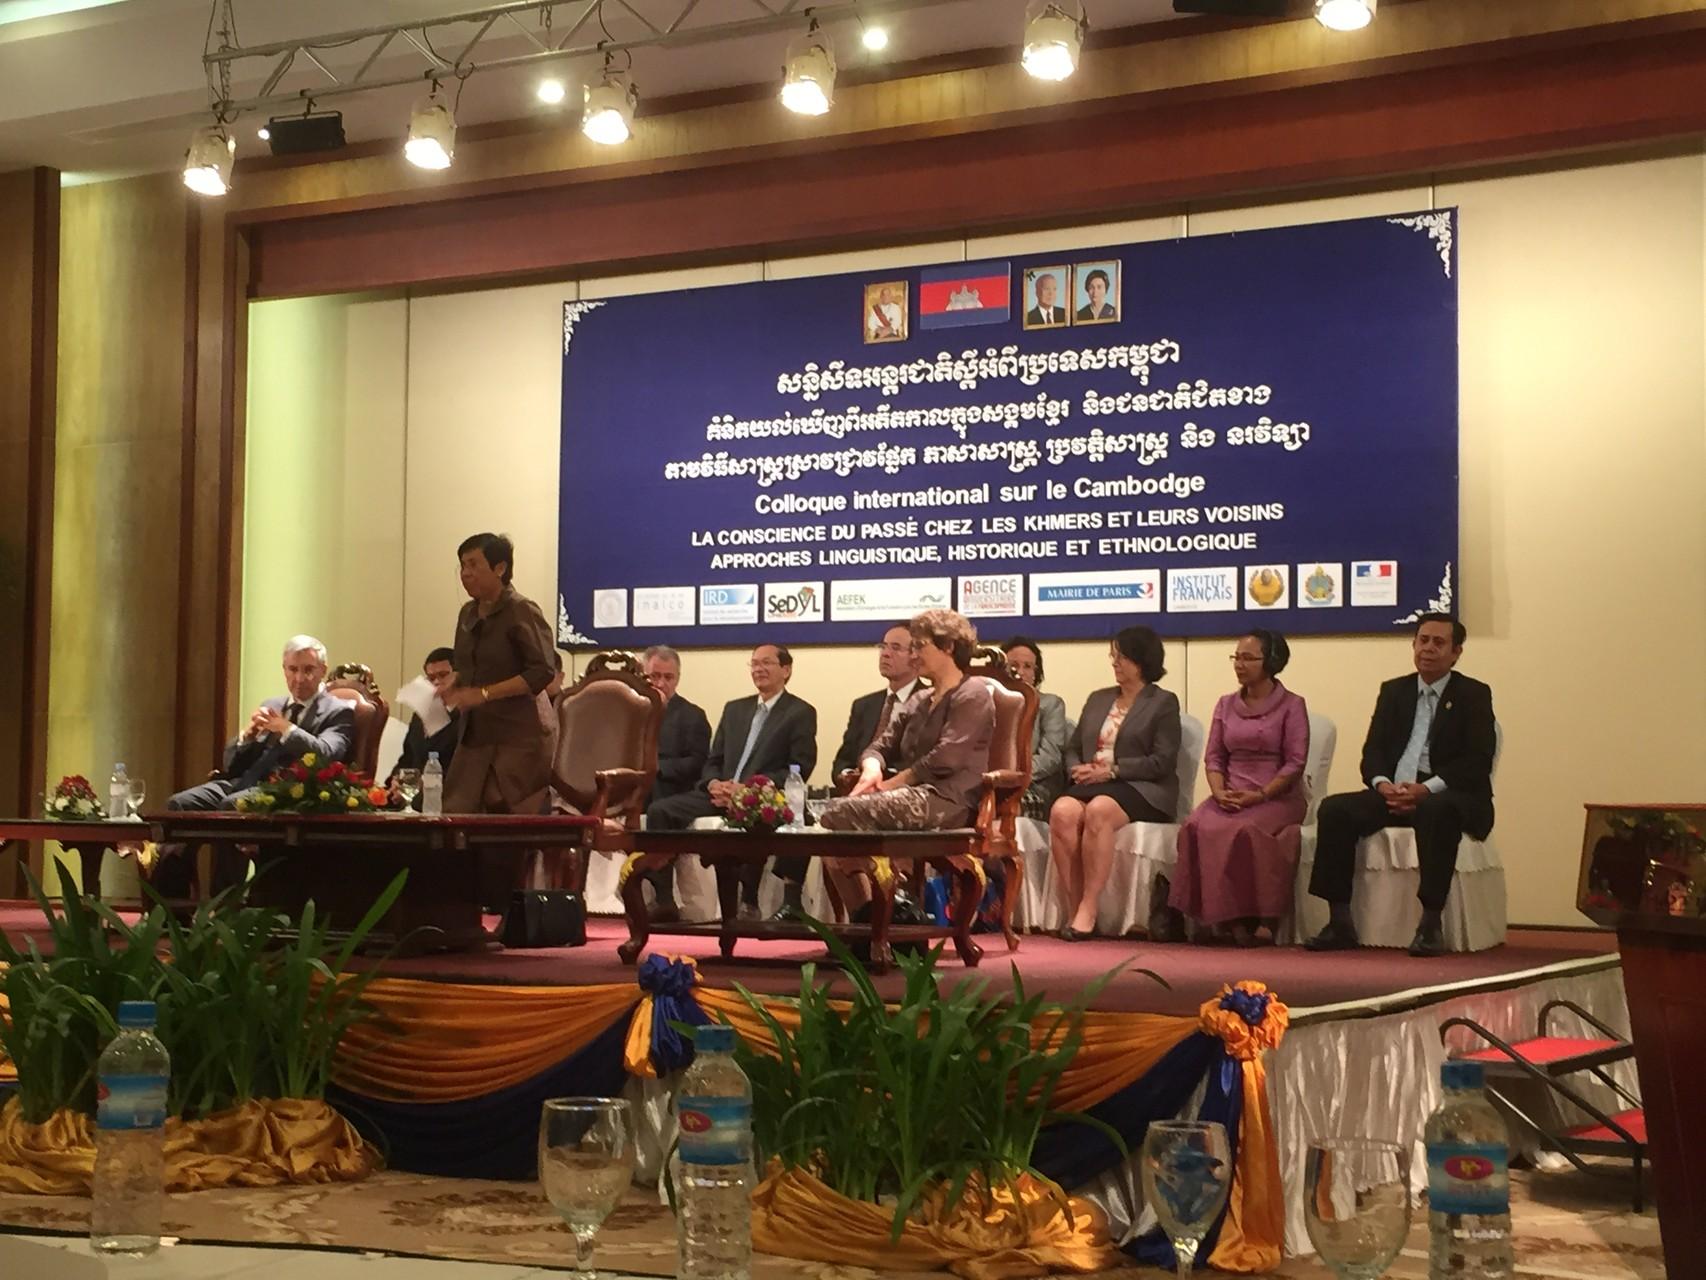 Cérémonie de clôture, Colloque internationale sur le Cambodge, Hôtel Phnom Penh, 15-17 décembre, 2014